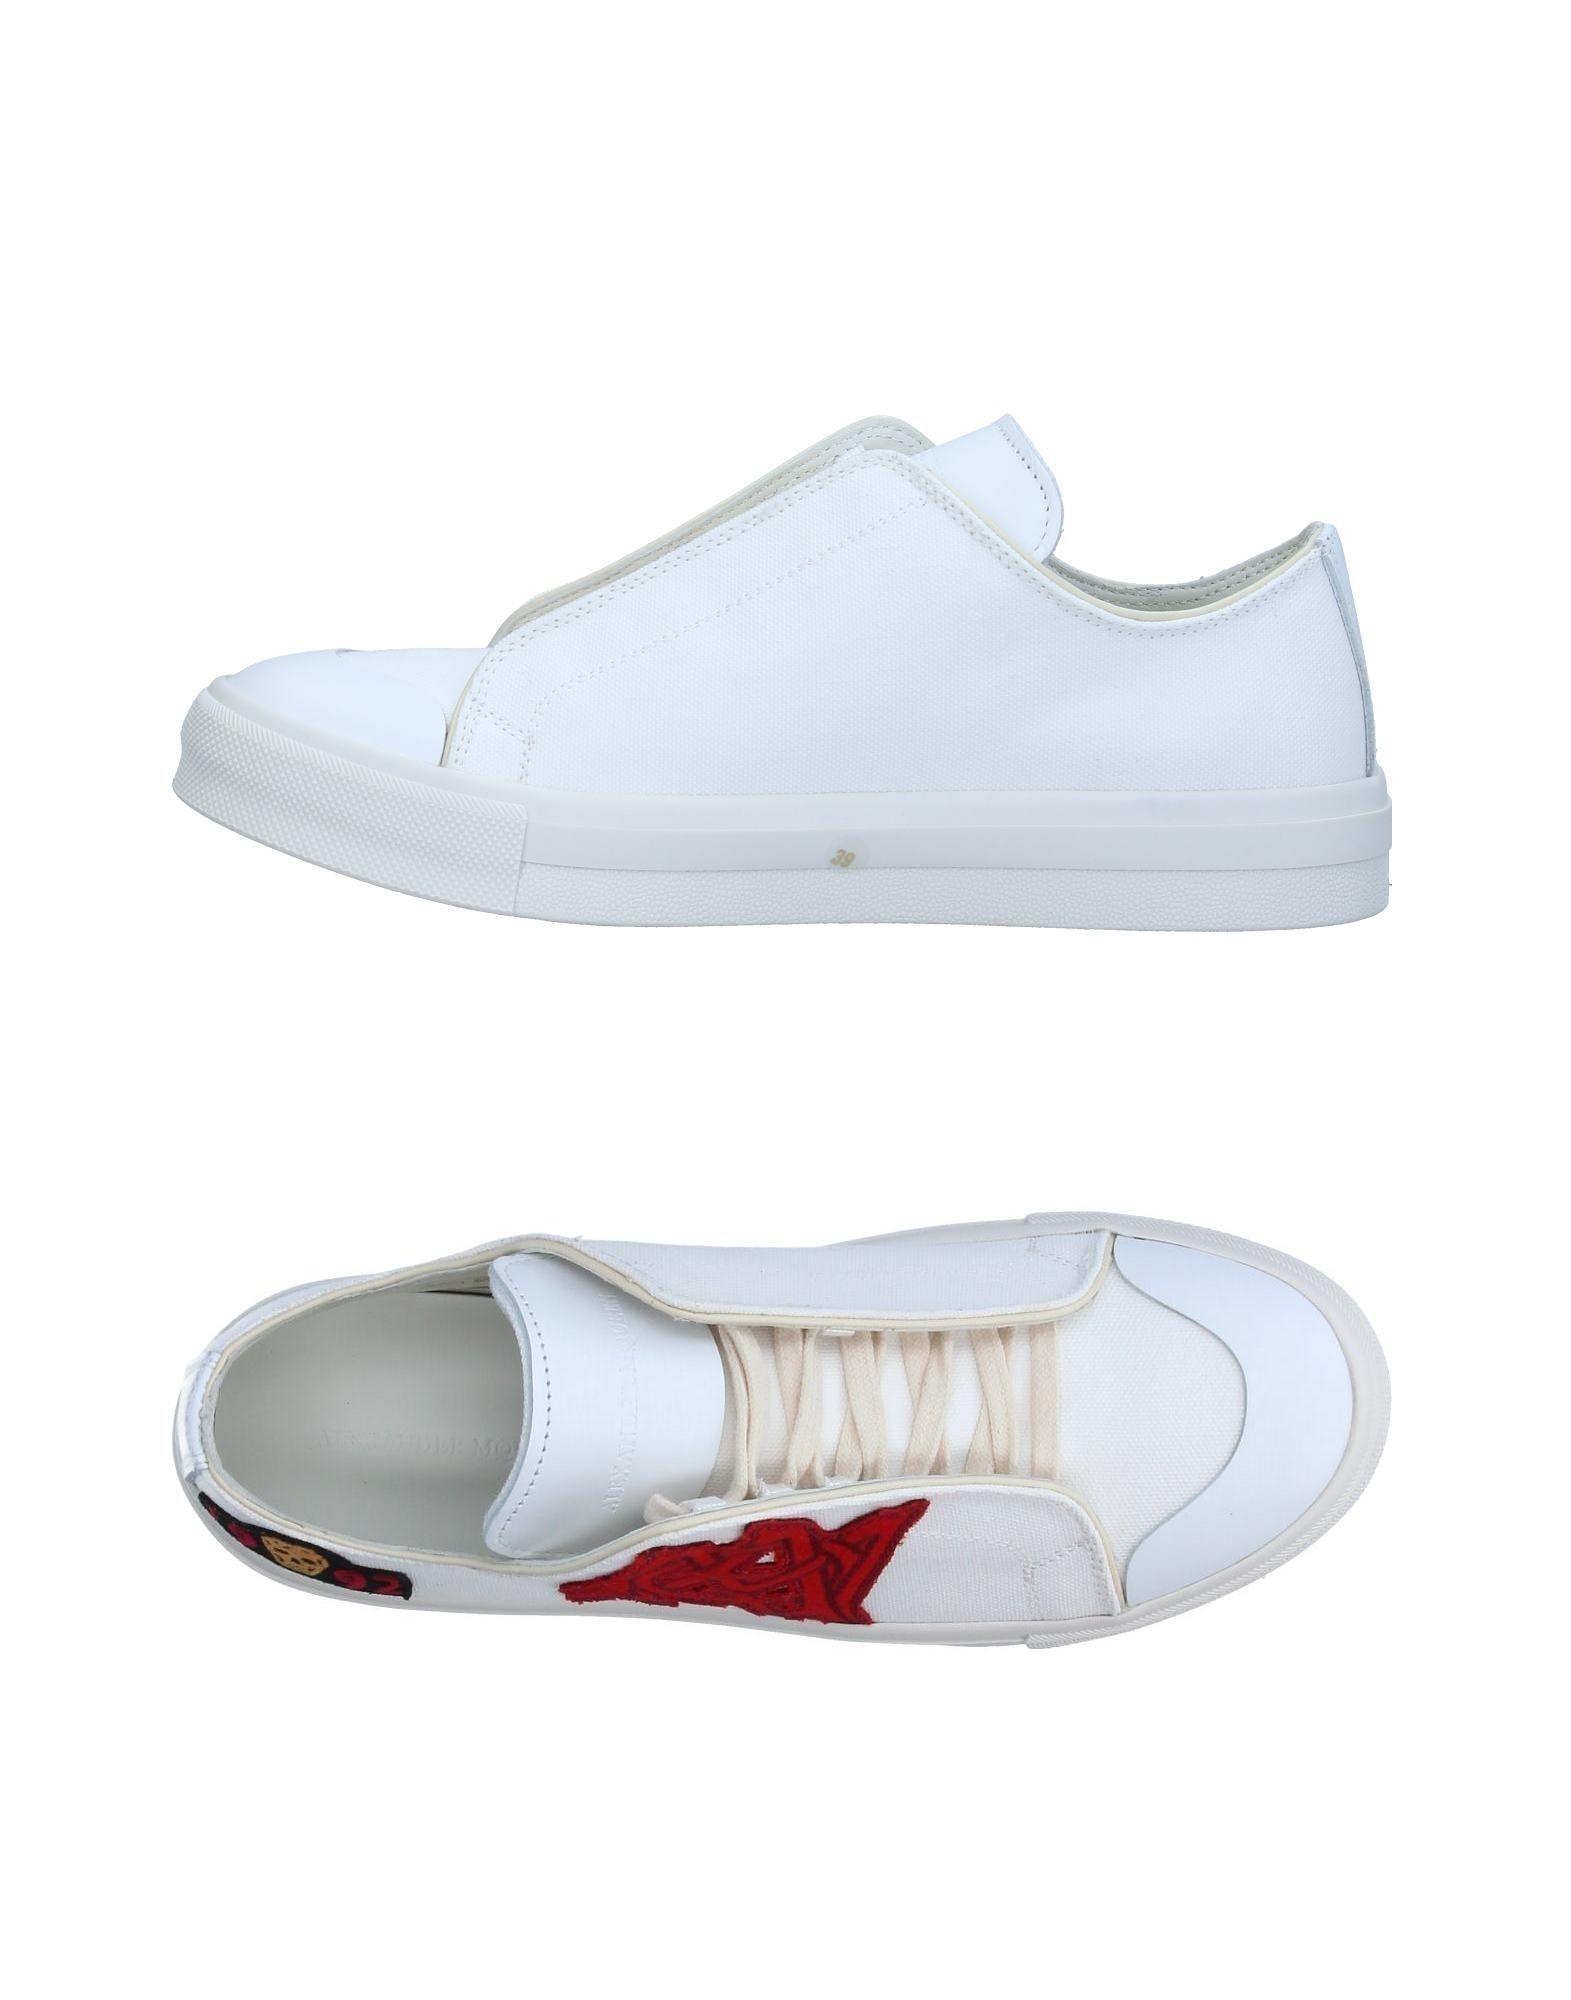 Alexander Mcqueen Sneakers Herren  11354292BG Gute Qualität beliebte Schuhe